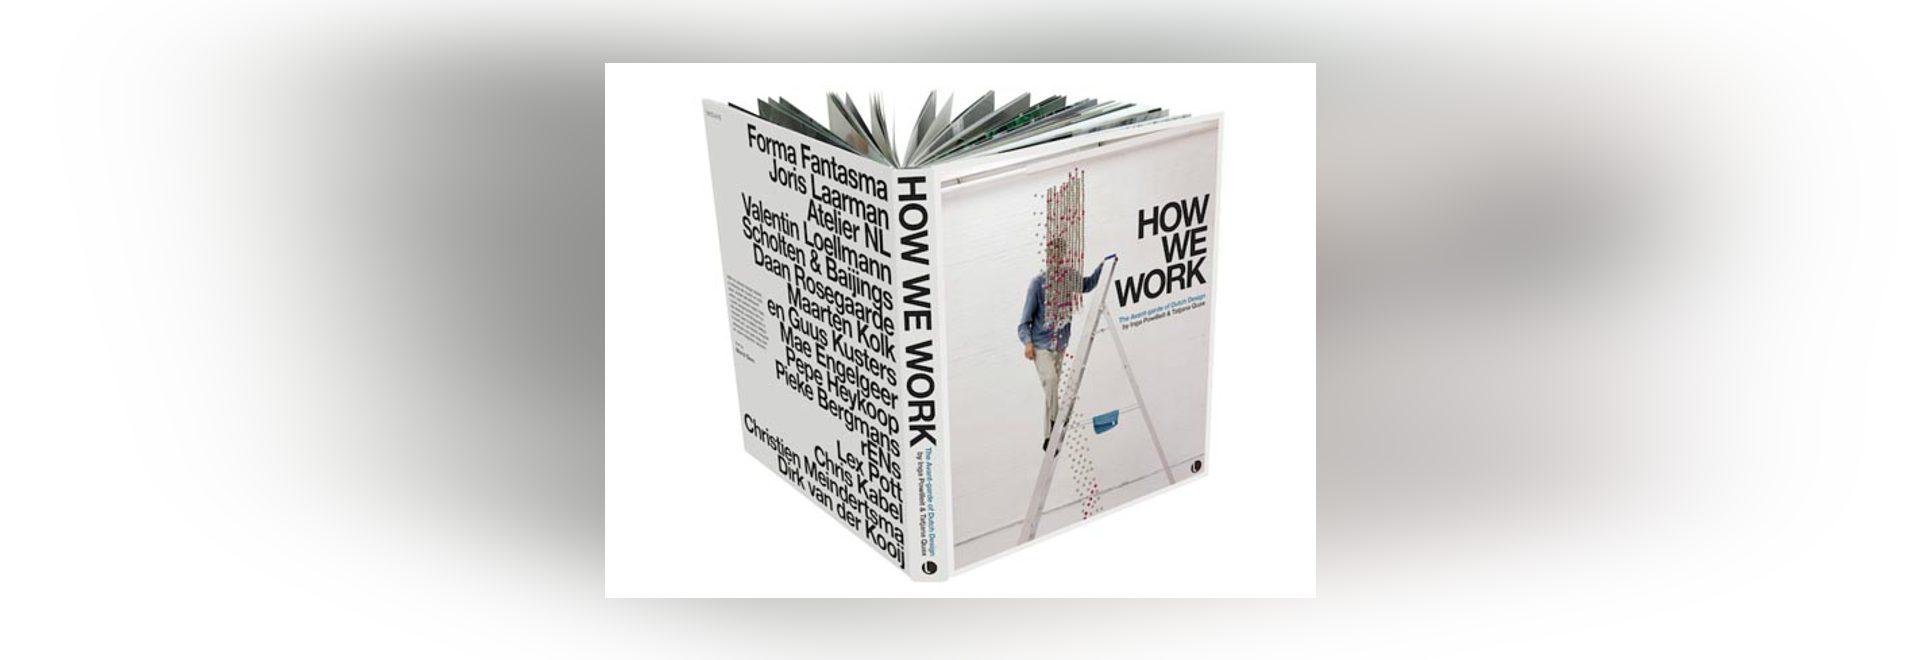 Wie wir arbeiten, entwerfen ein Buch über die Avantgarde der Holländer